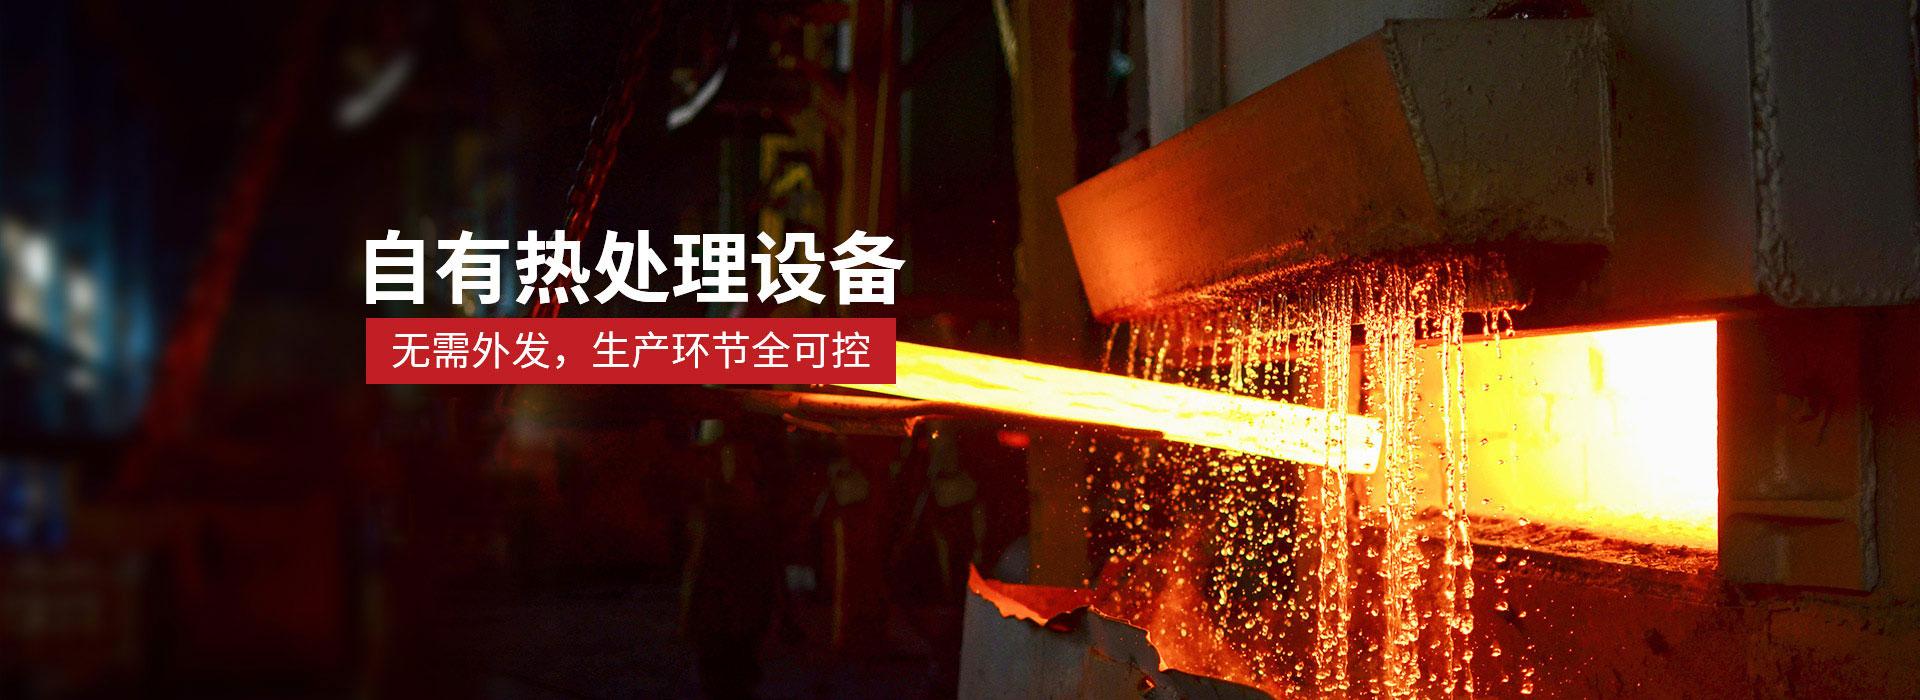 乐麒腾-自有热处理设备